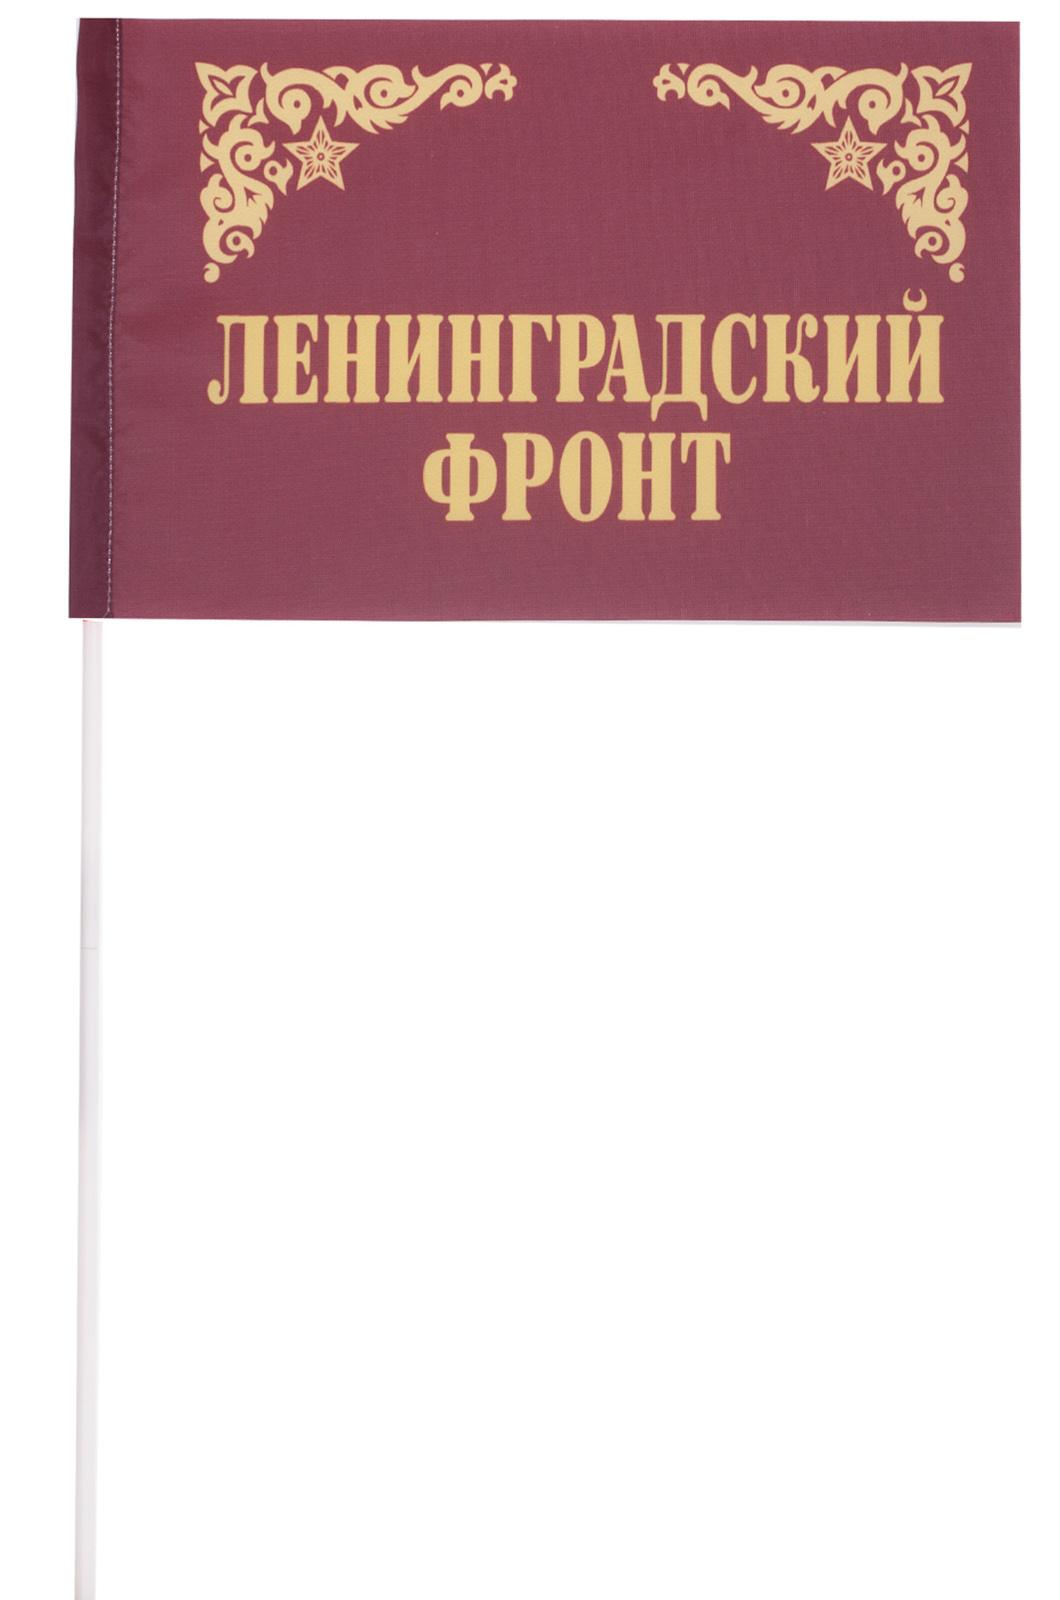 Флажок Ленинградского фронта